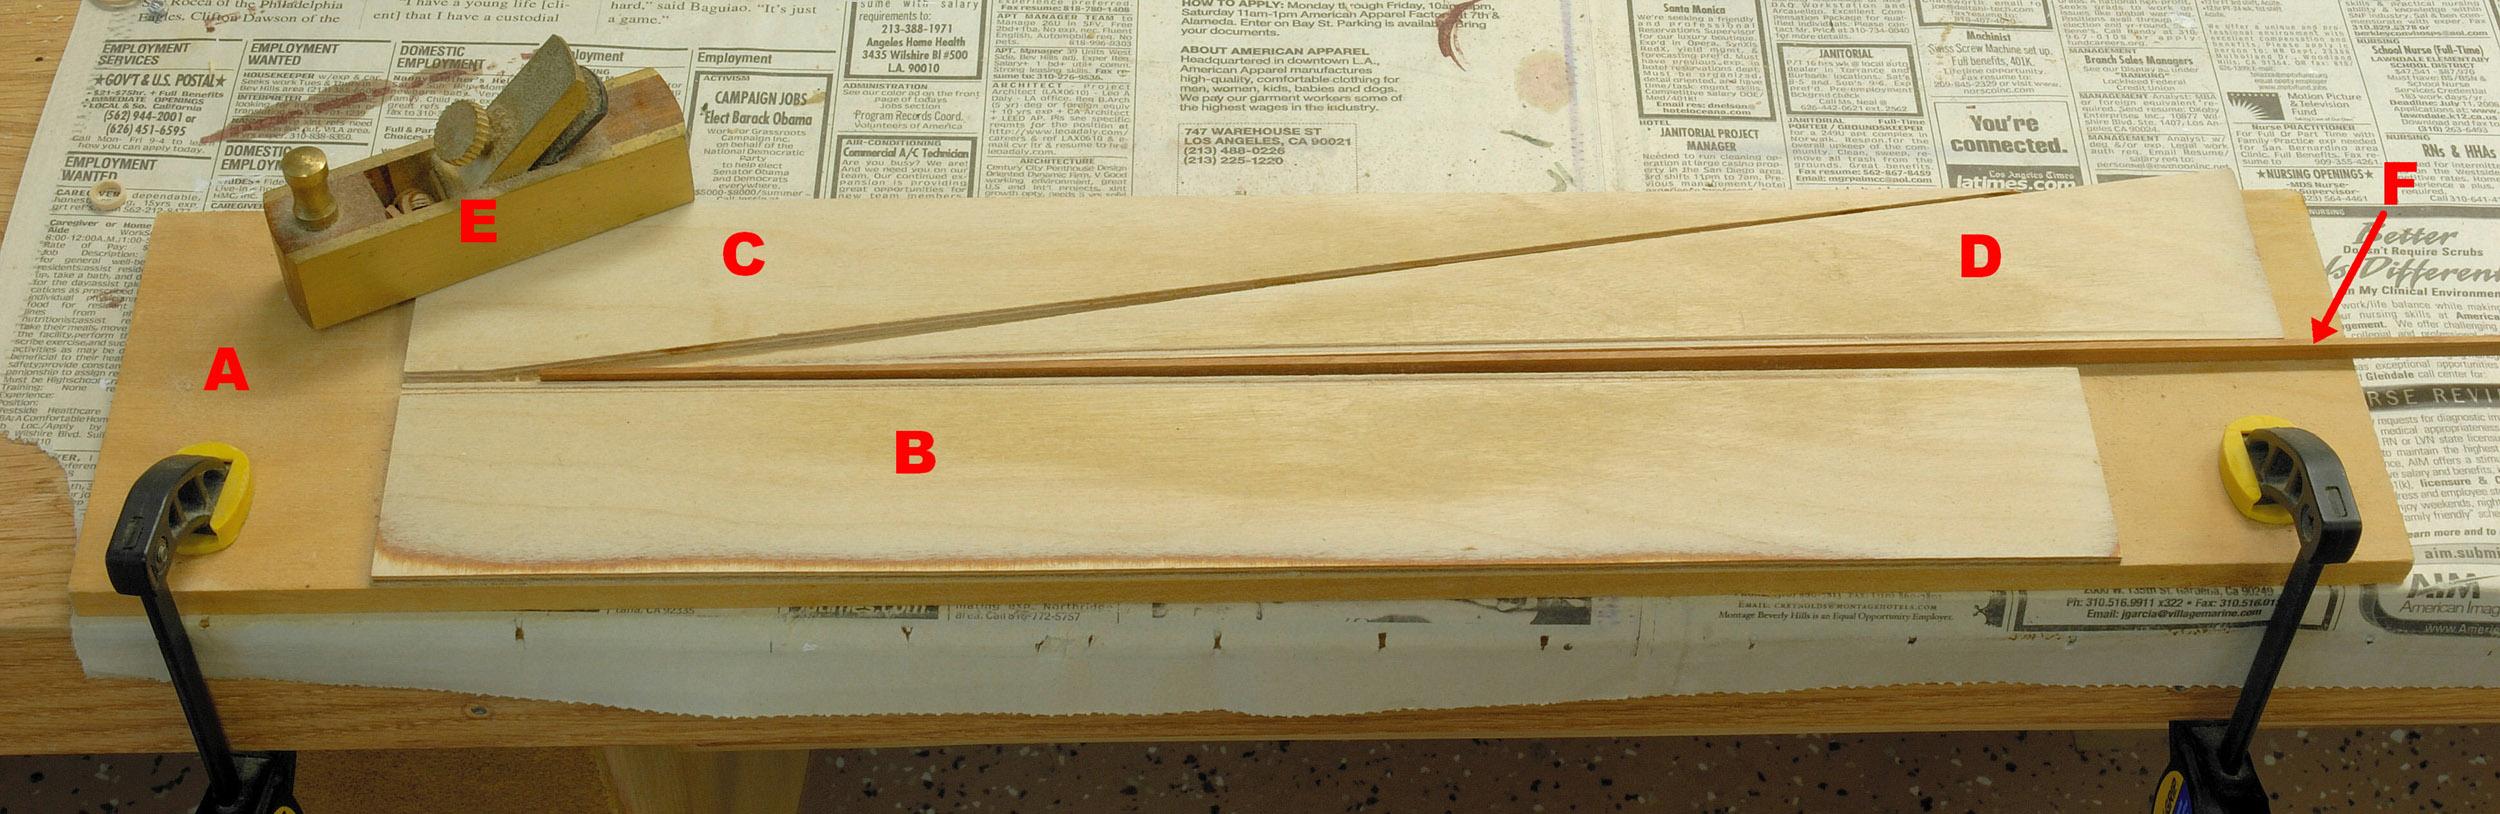 plank tapering jigs.jpg